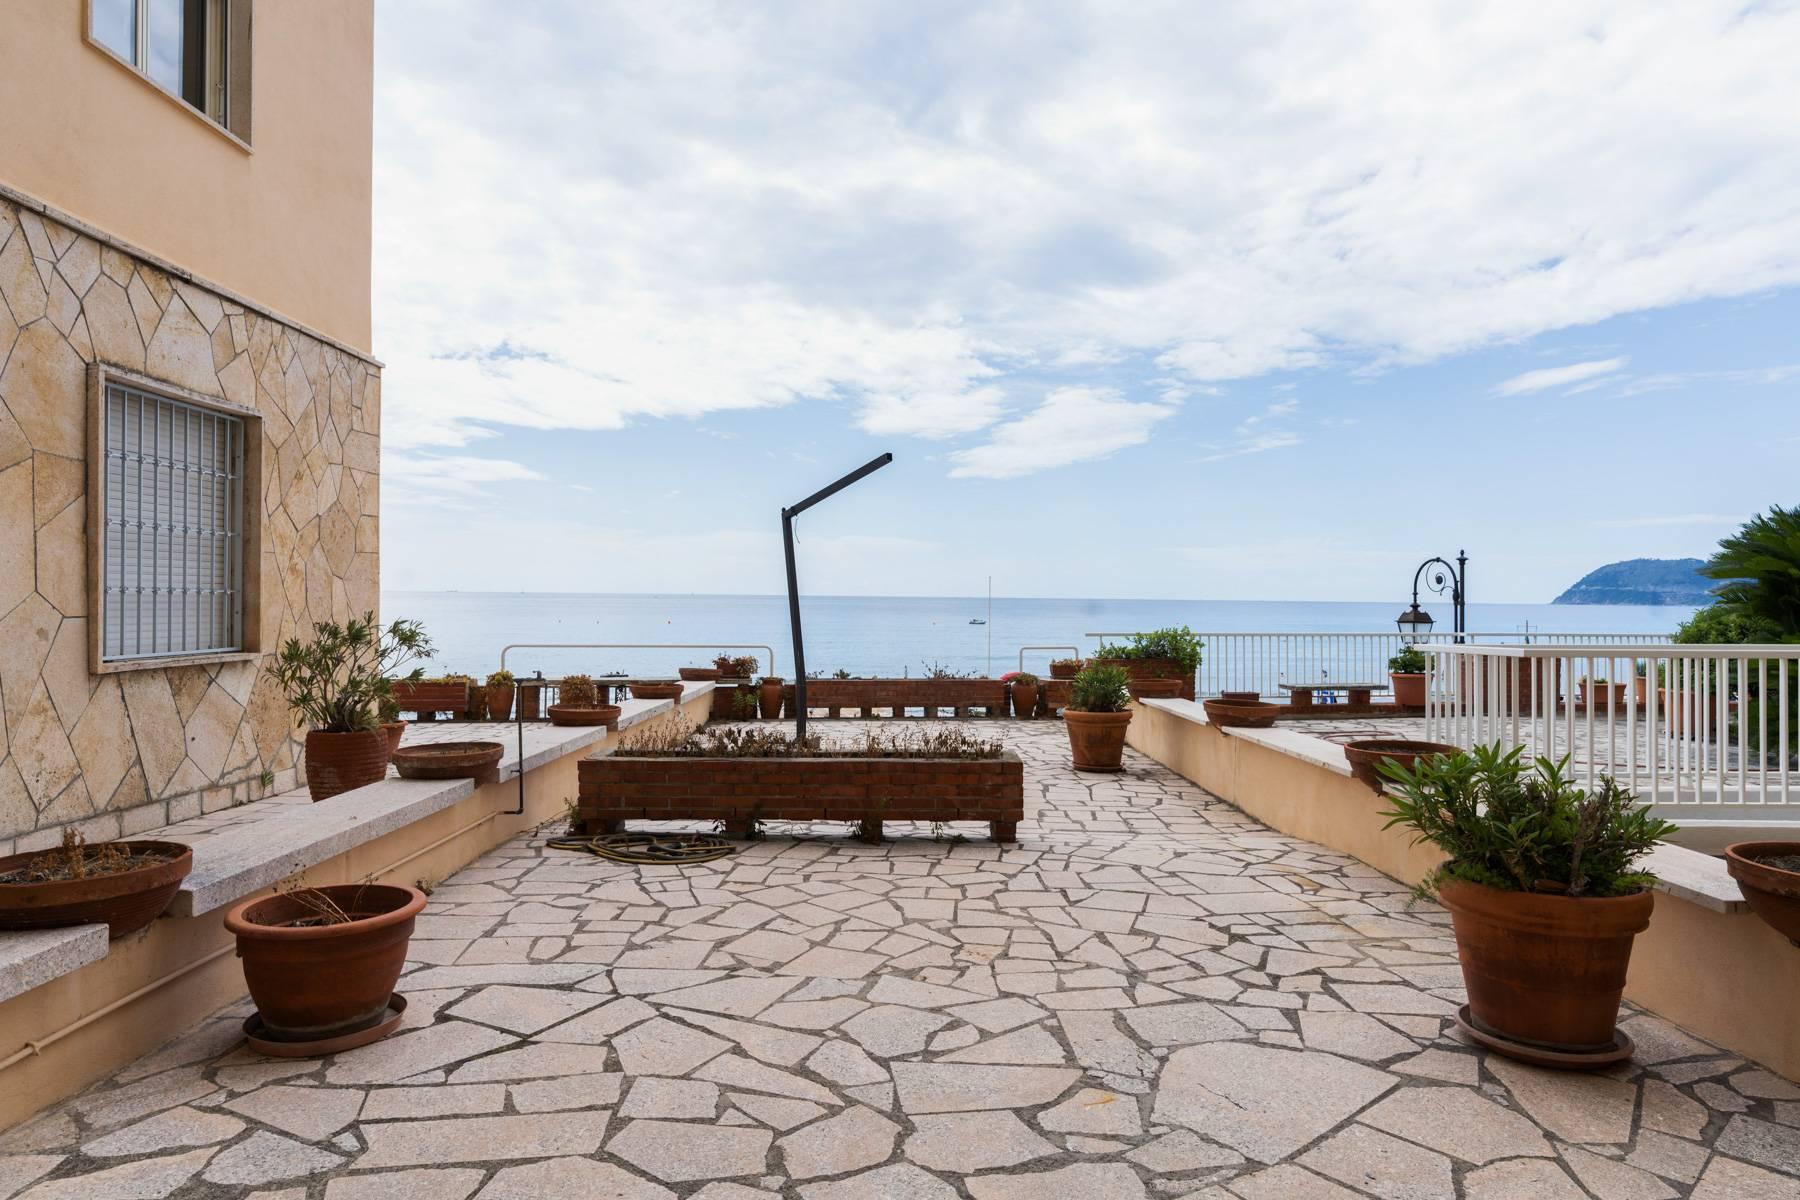 Appartamento in Vendita a Alassio: 5 locali, 150 mq - Foto 11